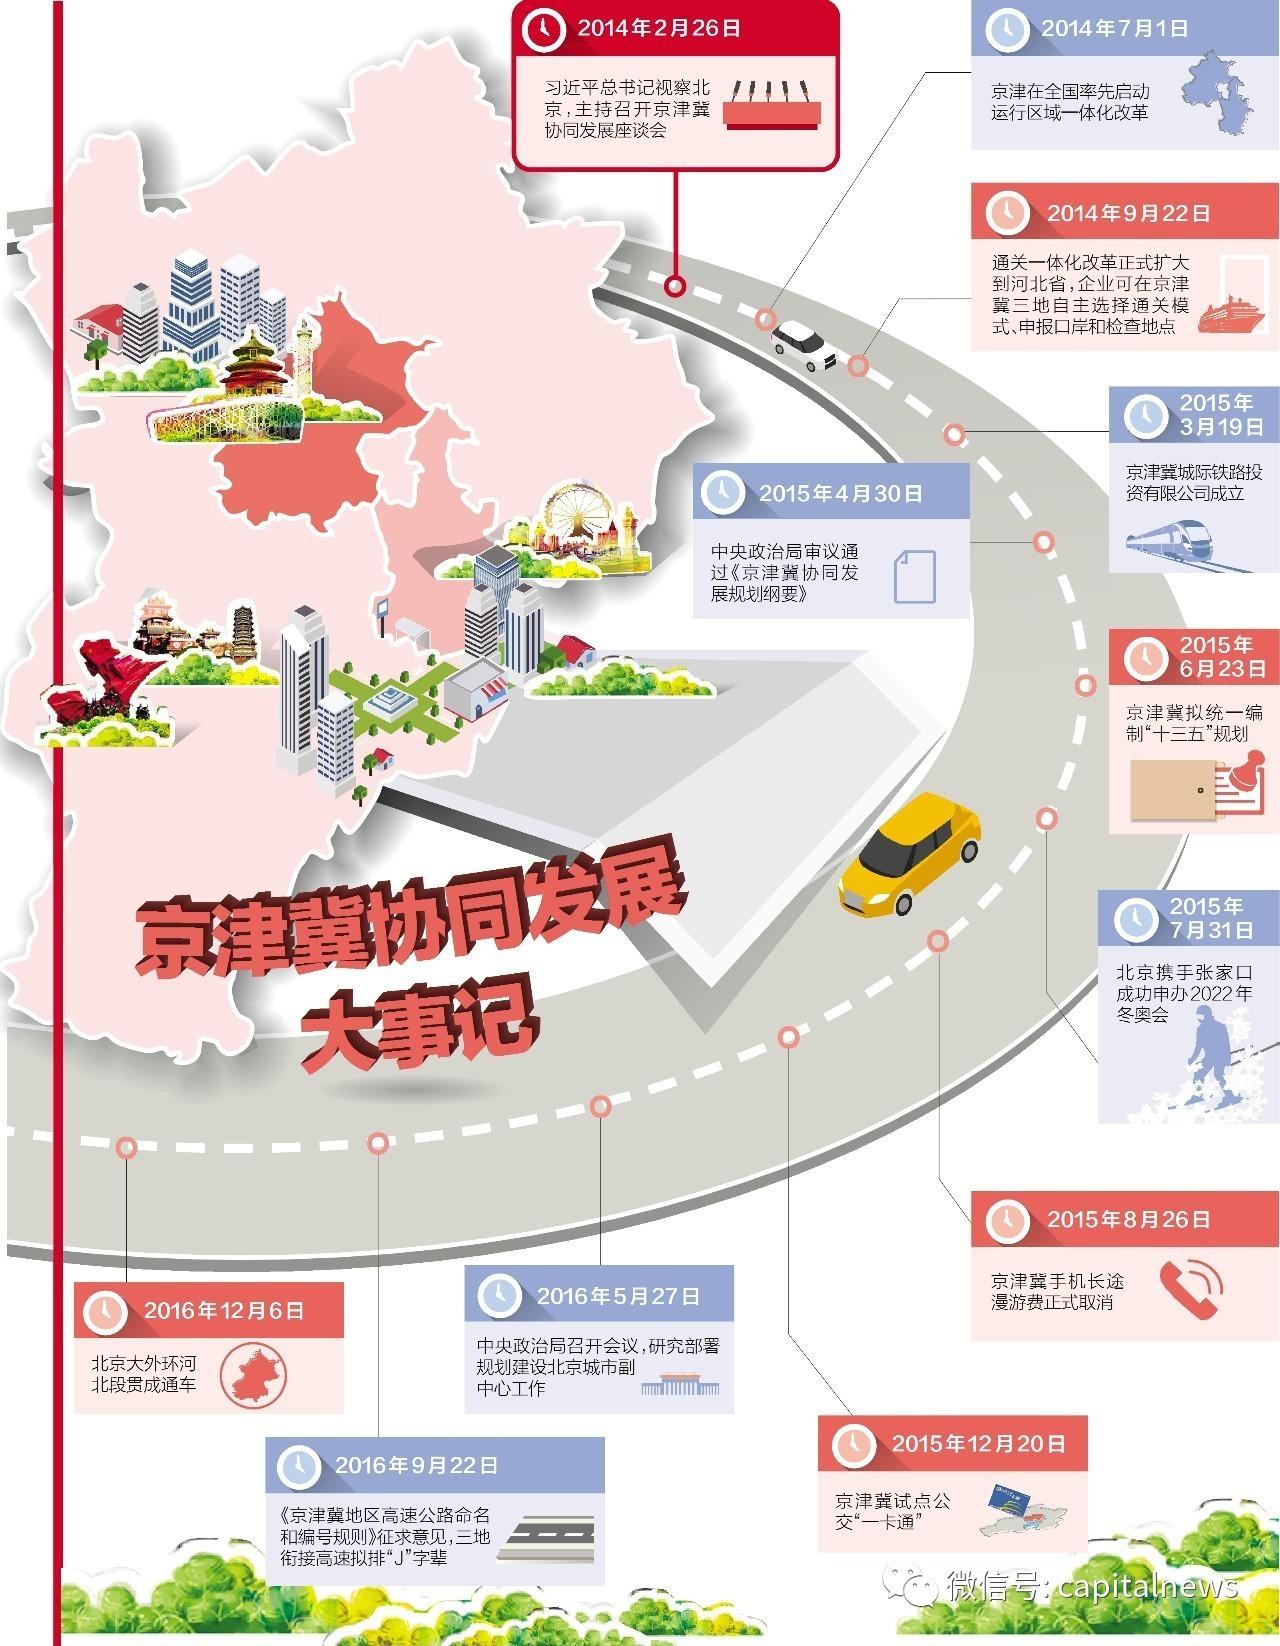 北京市领导说,我们要以嫁女的心态对待疏解的企业。不仅要送一程,如果他们遇到什么困难,还要帮助他们解决。教育、医疗的输出,不仅服务了河北、天津的发展,也为北京疏解企业保驾护航。